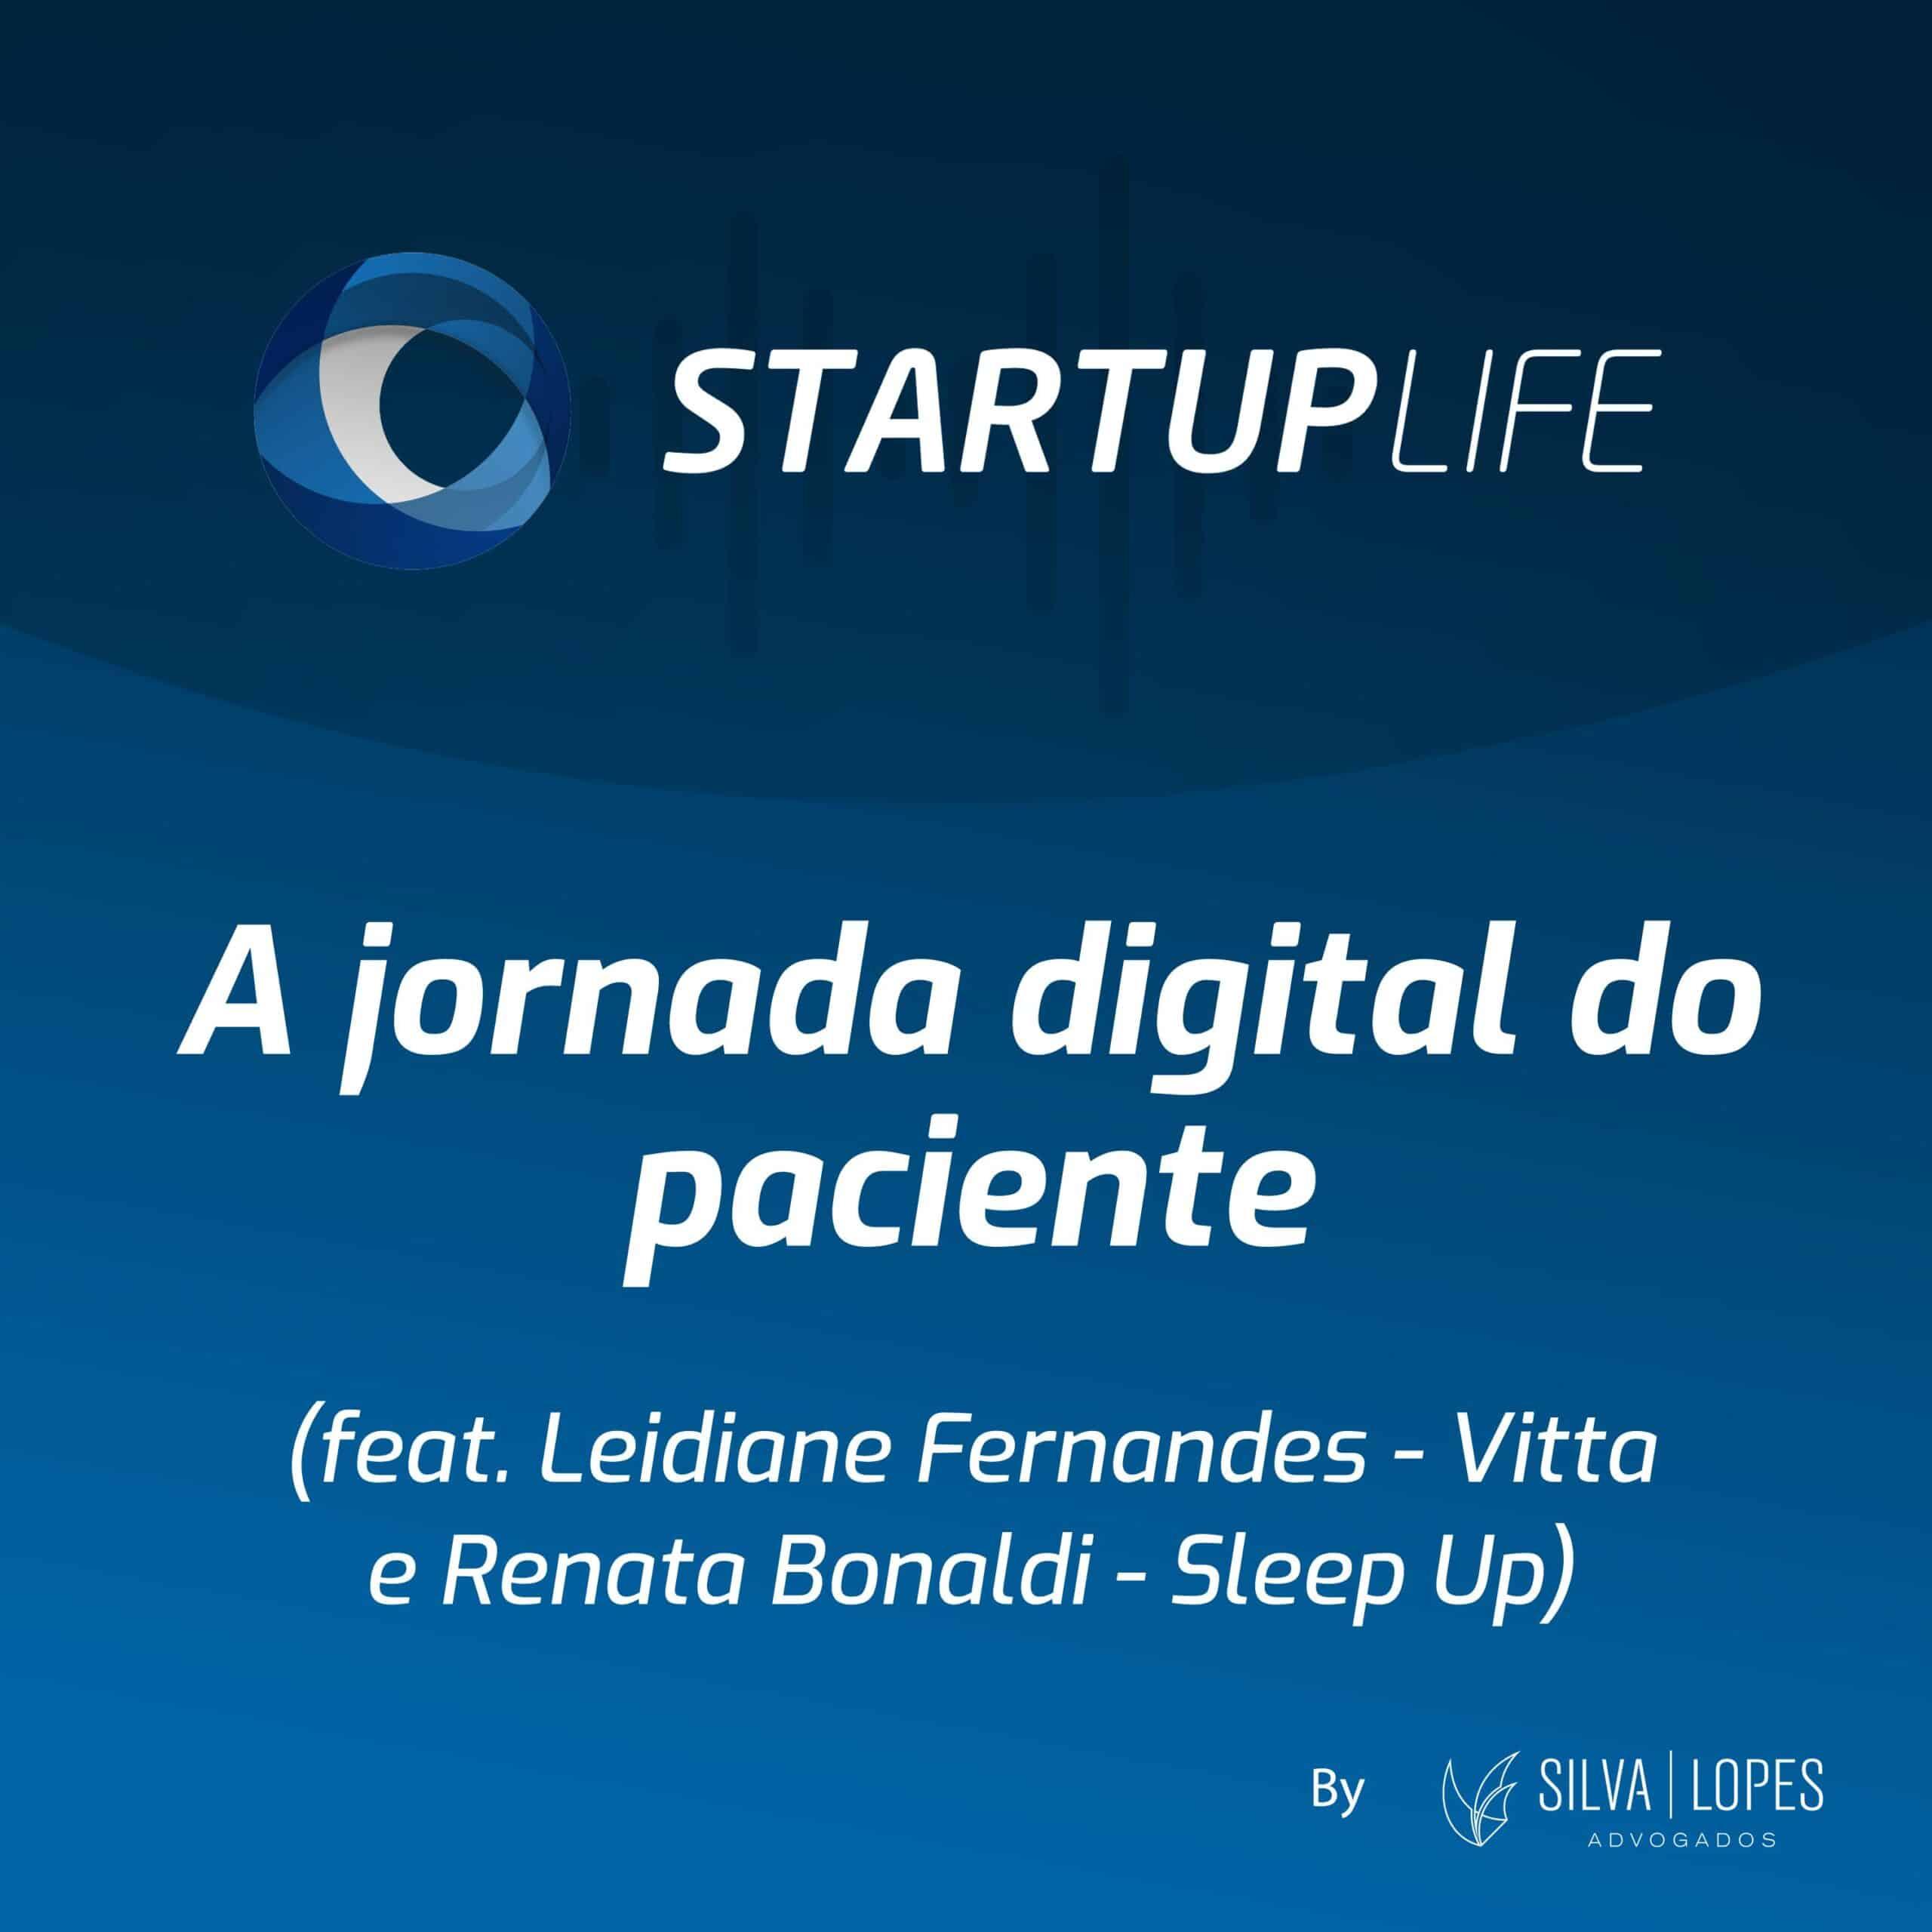 A jornada digital do paciente